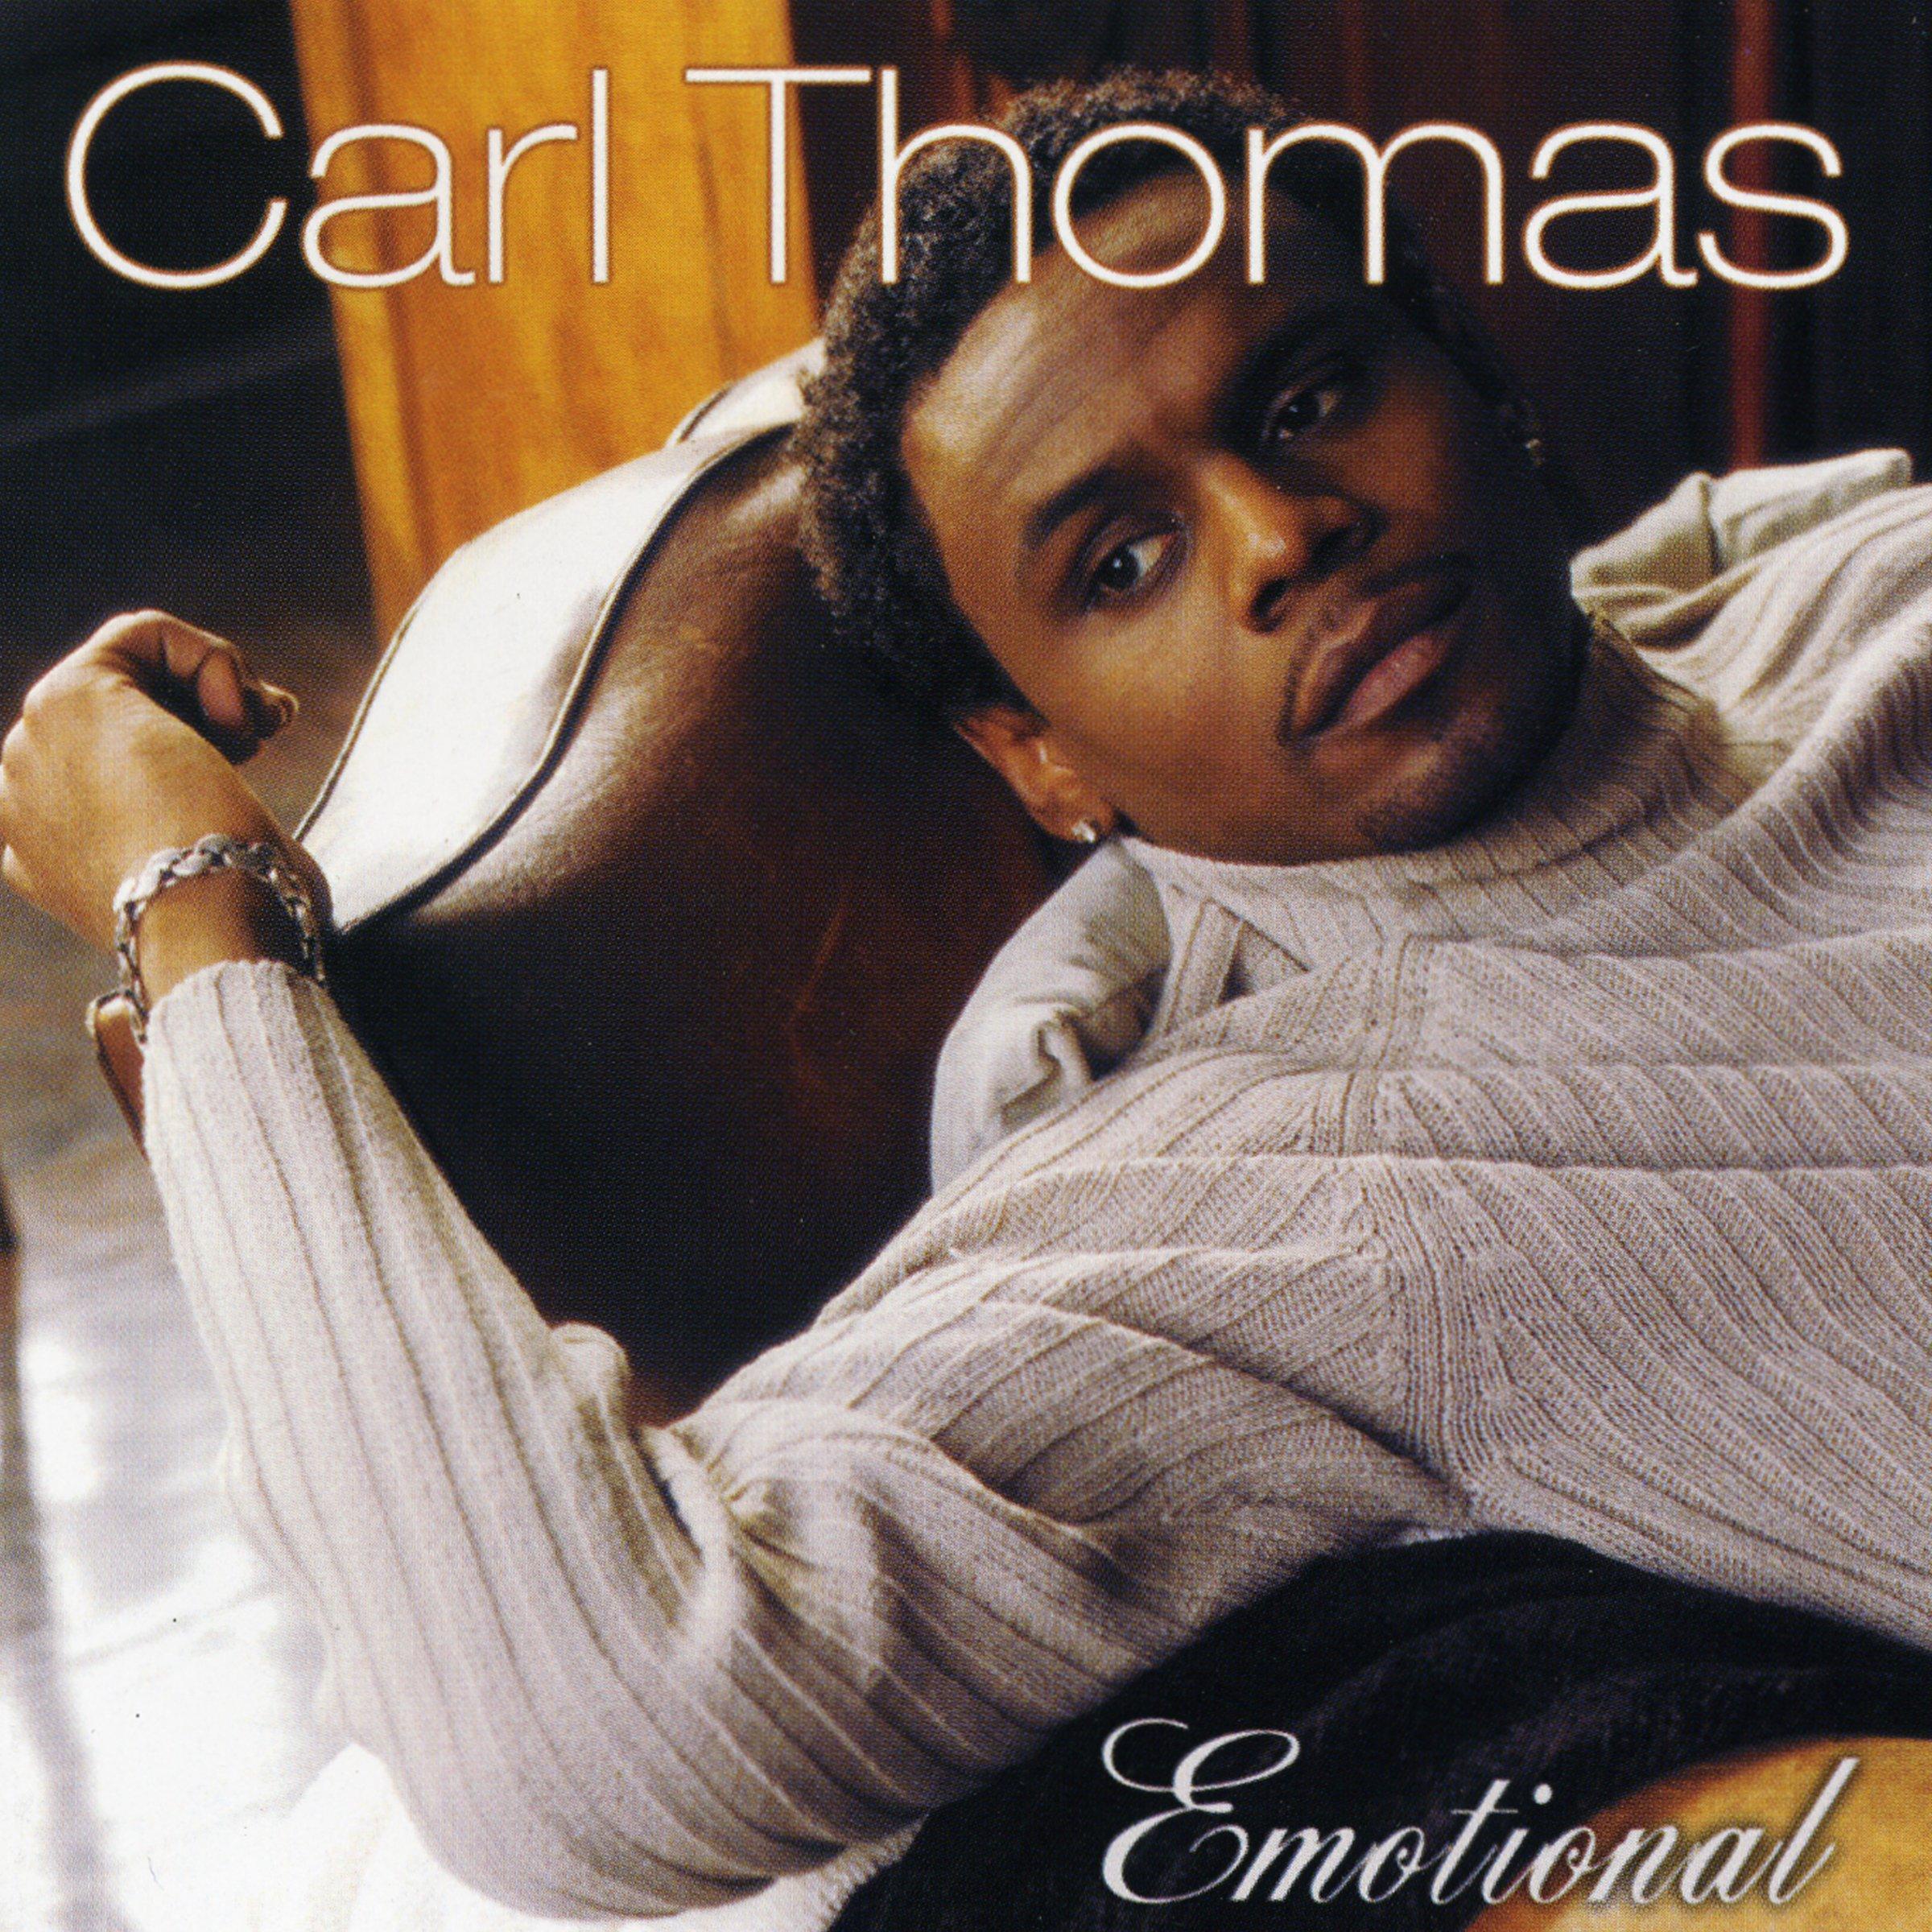 Carl Thomas – Emotional (2000) [FLAC]